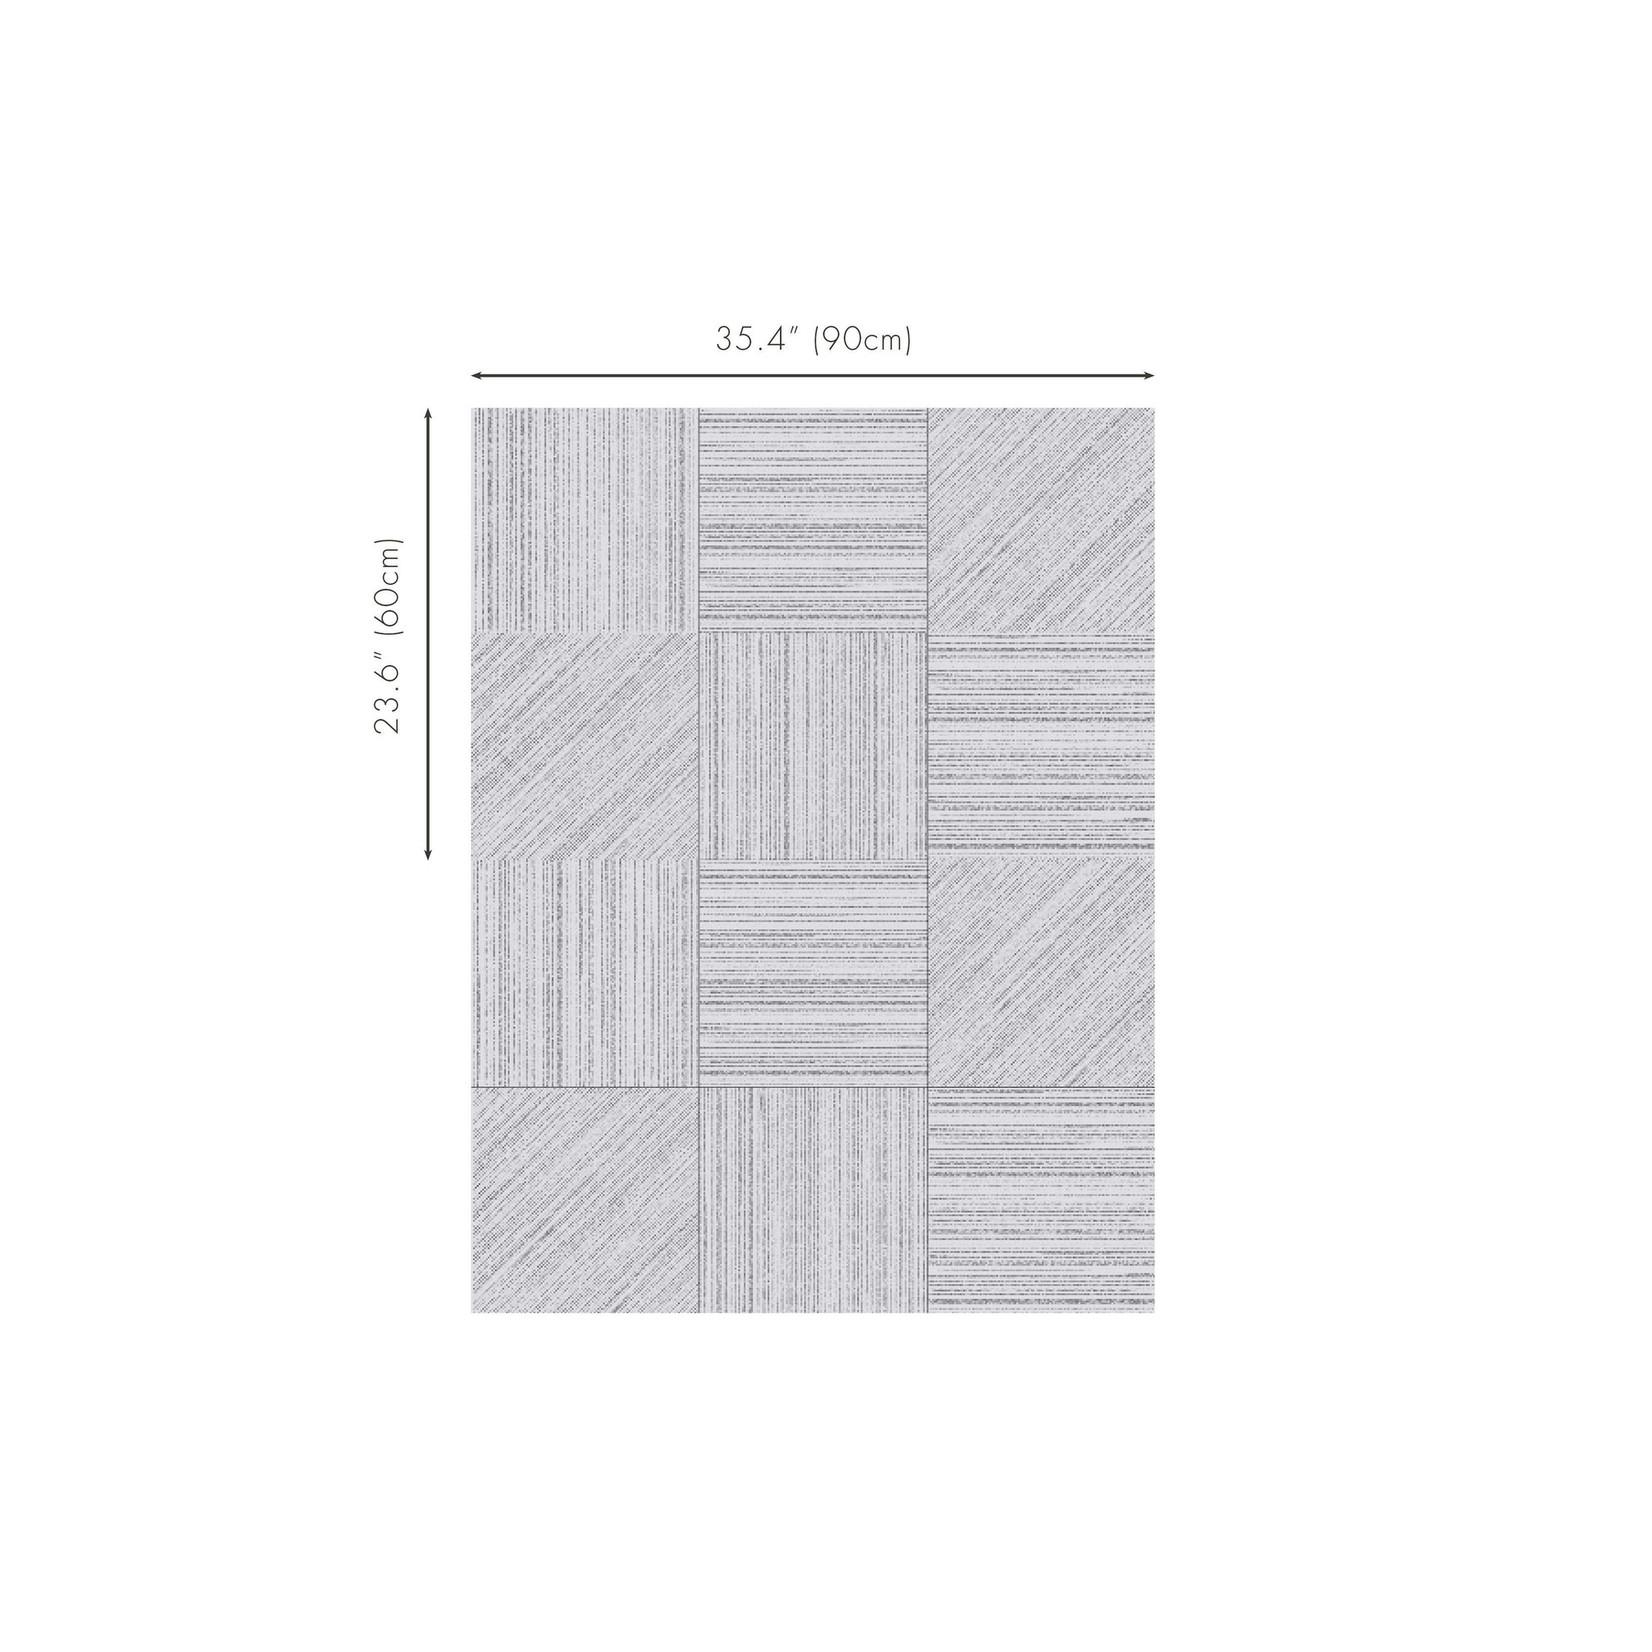 Mark Alexander Collage de revêtements muraux fabriqués à la main | Parchemin carré